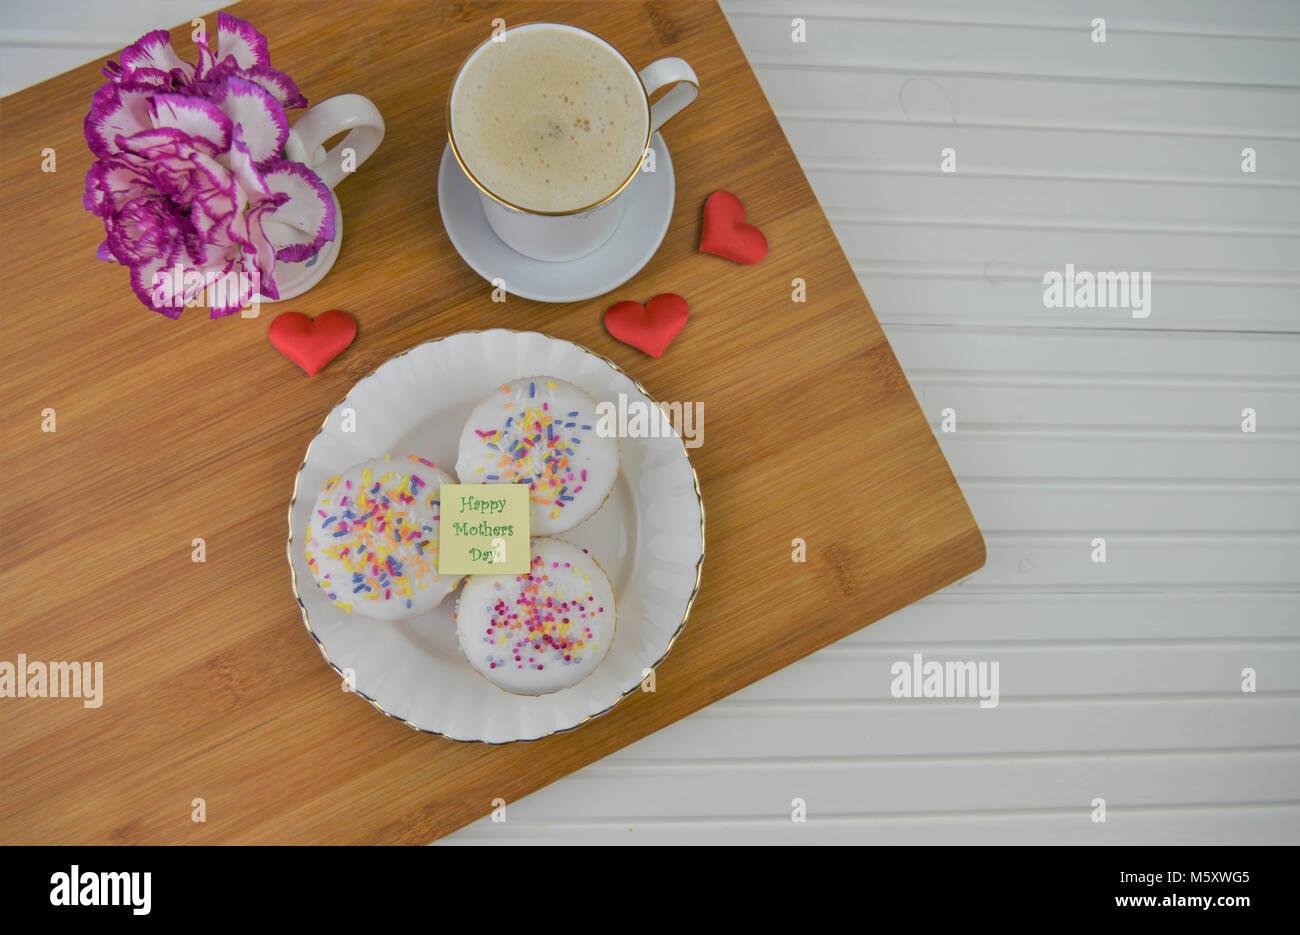 Happy mothers day mots avec cuisine maison de mini gâteaux glacés et de fleurs fraîches Photo Stock